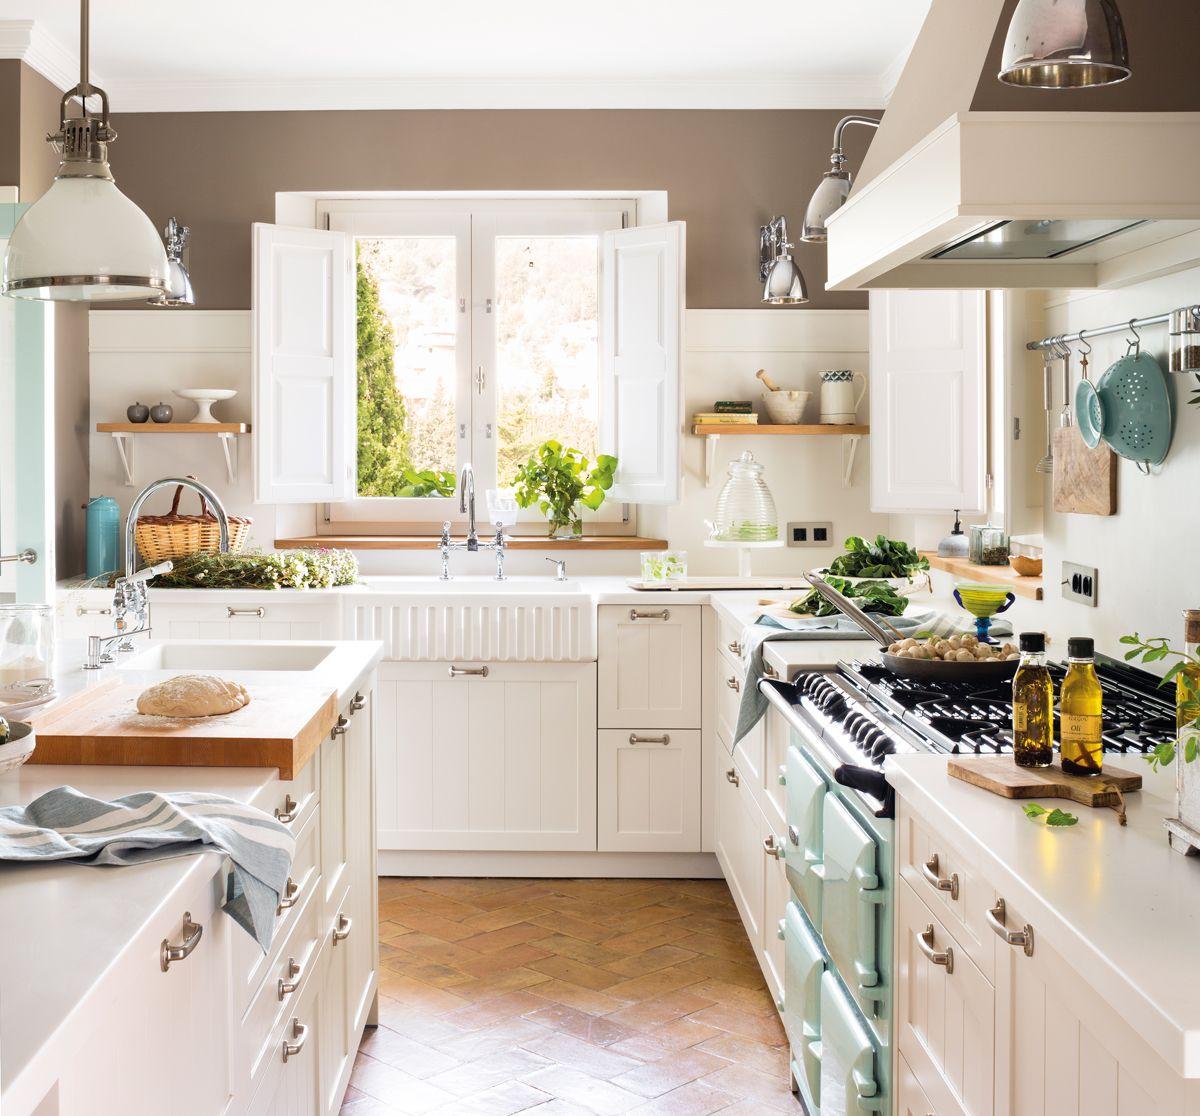 00454985. Cocina retro en gris y blanco, con electrodoméstico retro ...